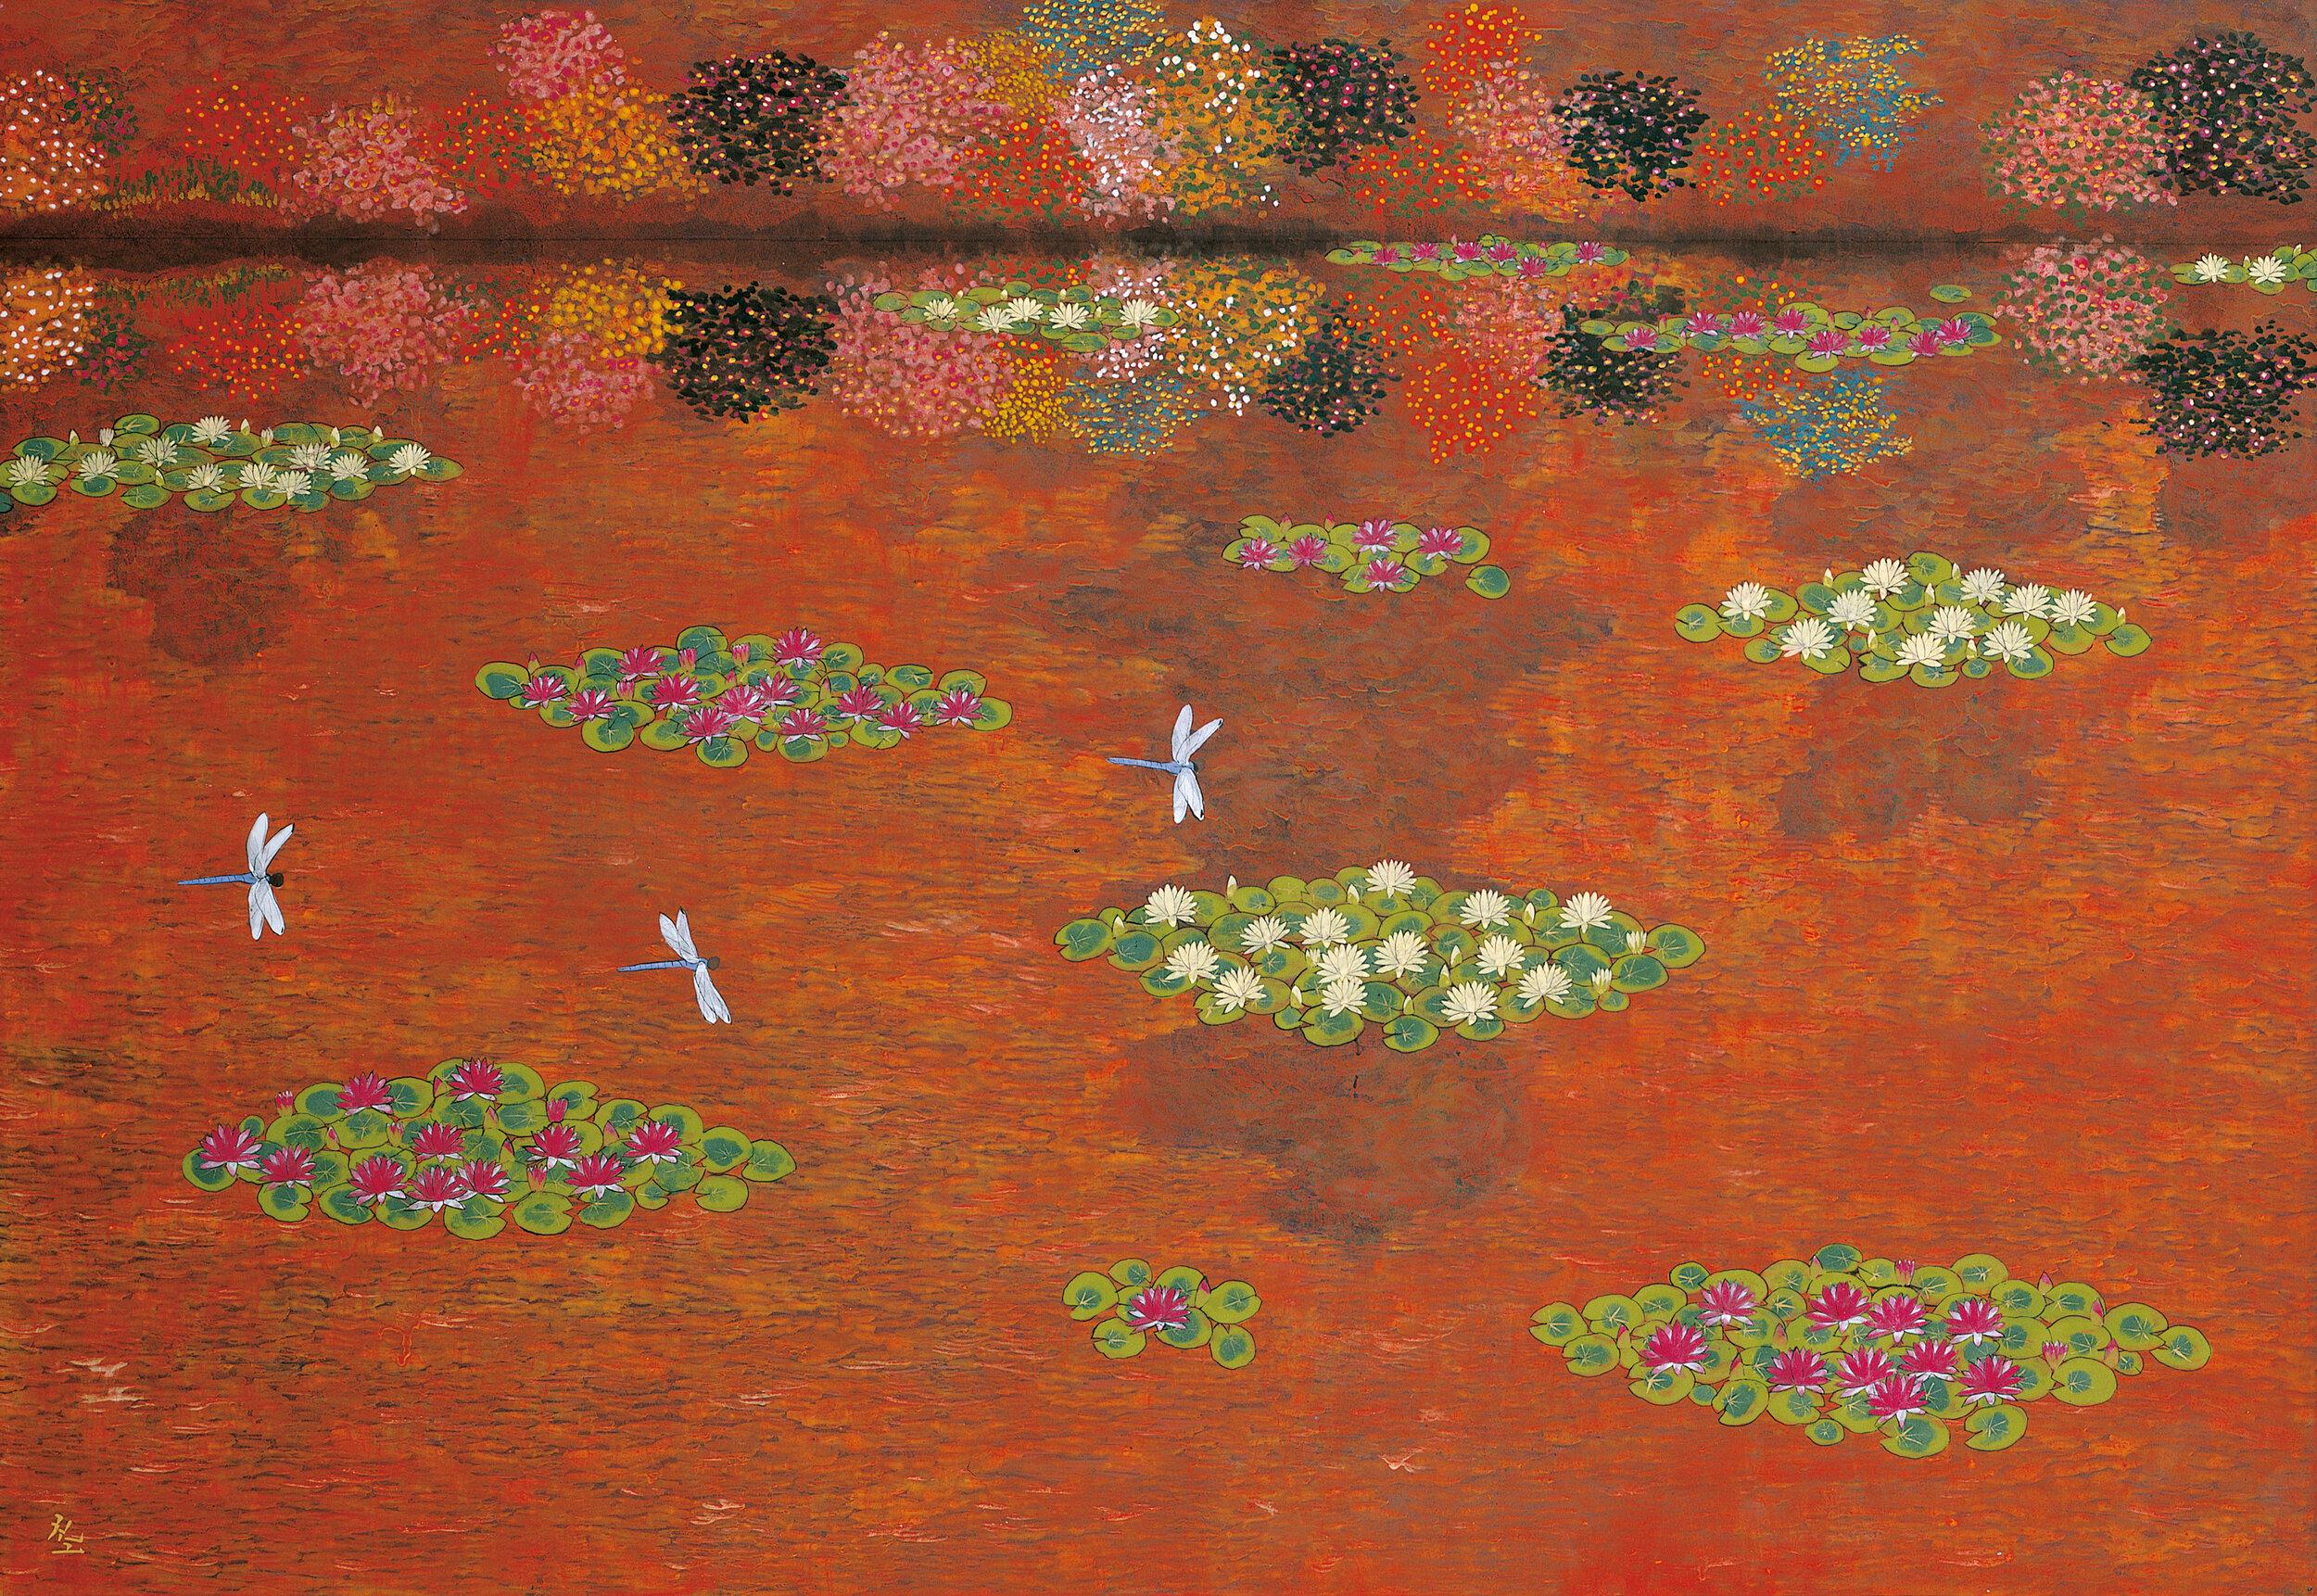 平松礼二《モネの池.夕映》2003